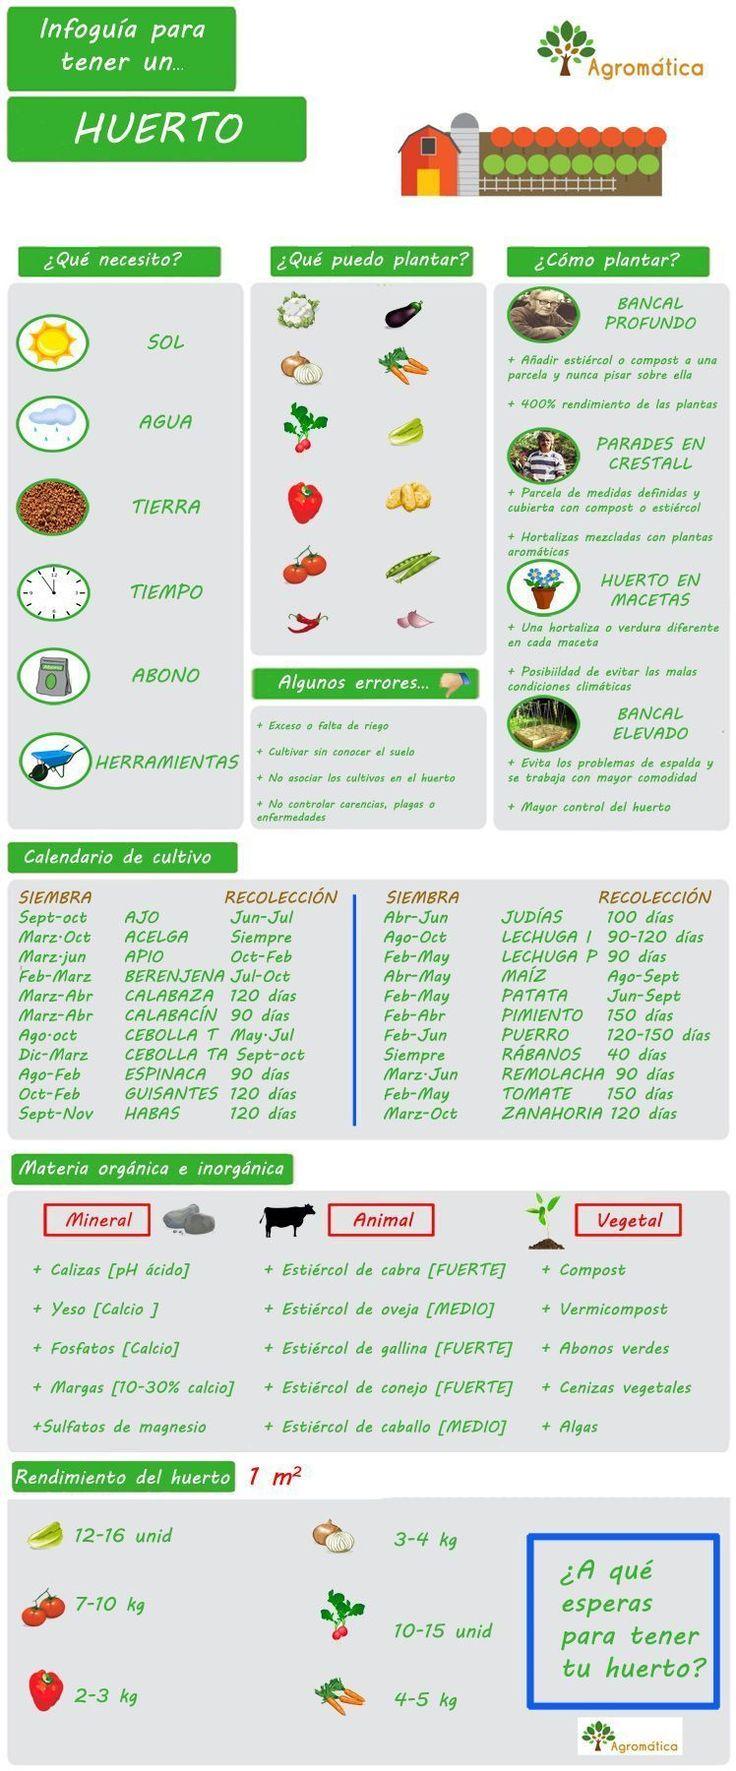 II▻★★★ Infografía para tener un huerto. Elementos necesarios para tener y cuidar un huerto. Sistemas y técnicas del huerto y características principales.